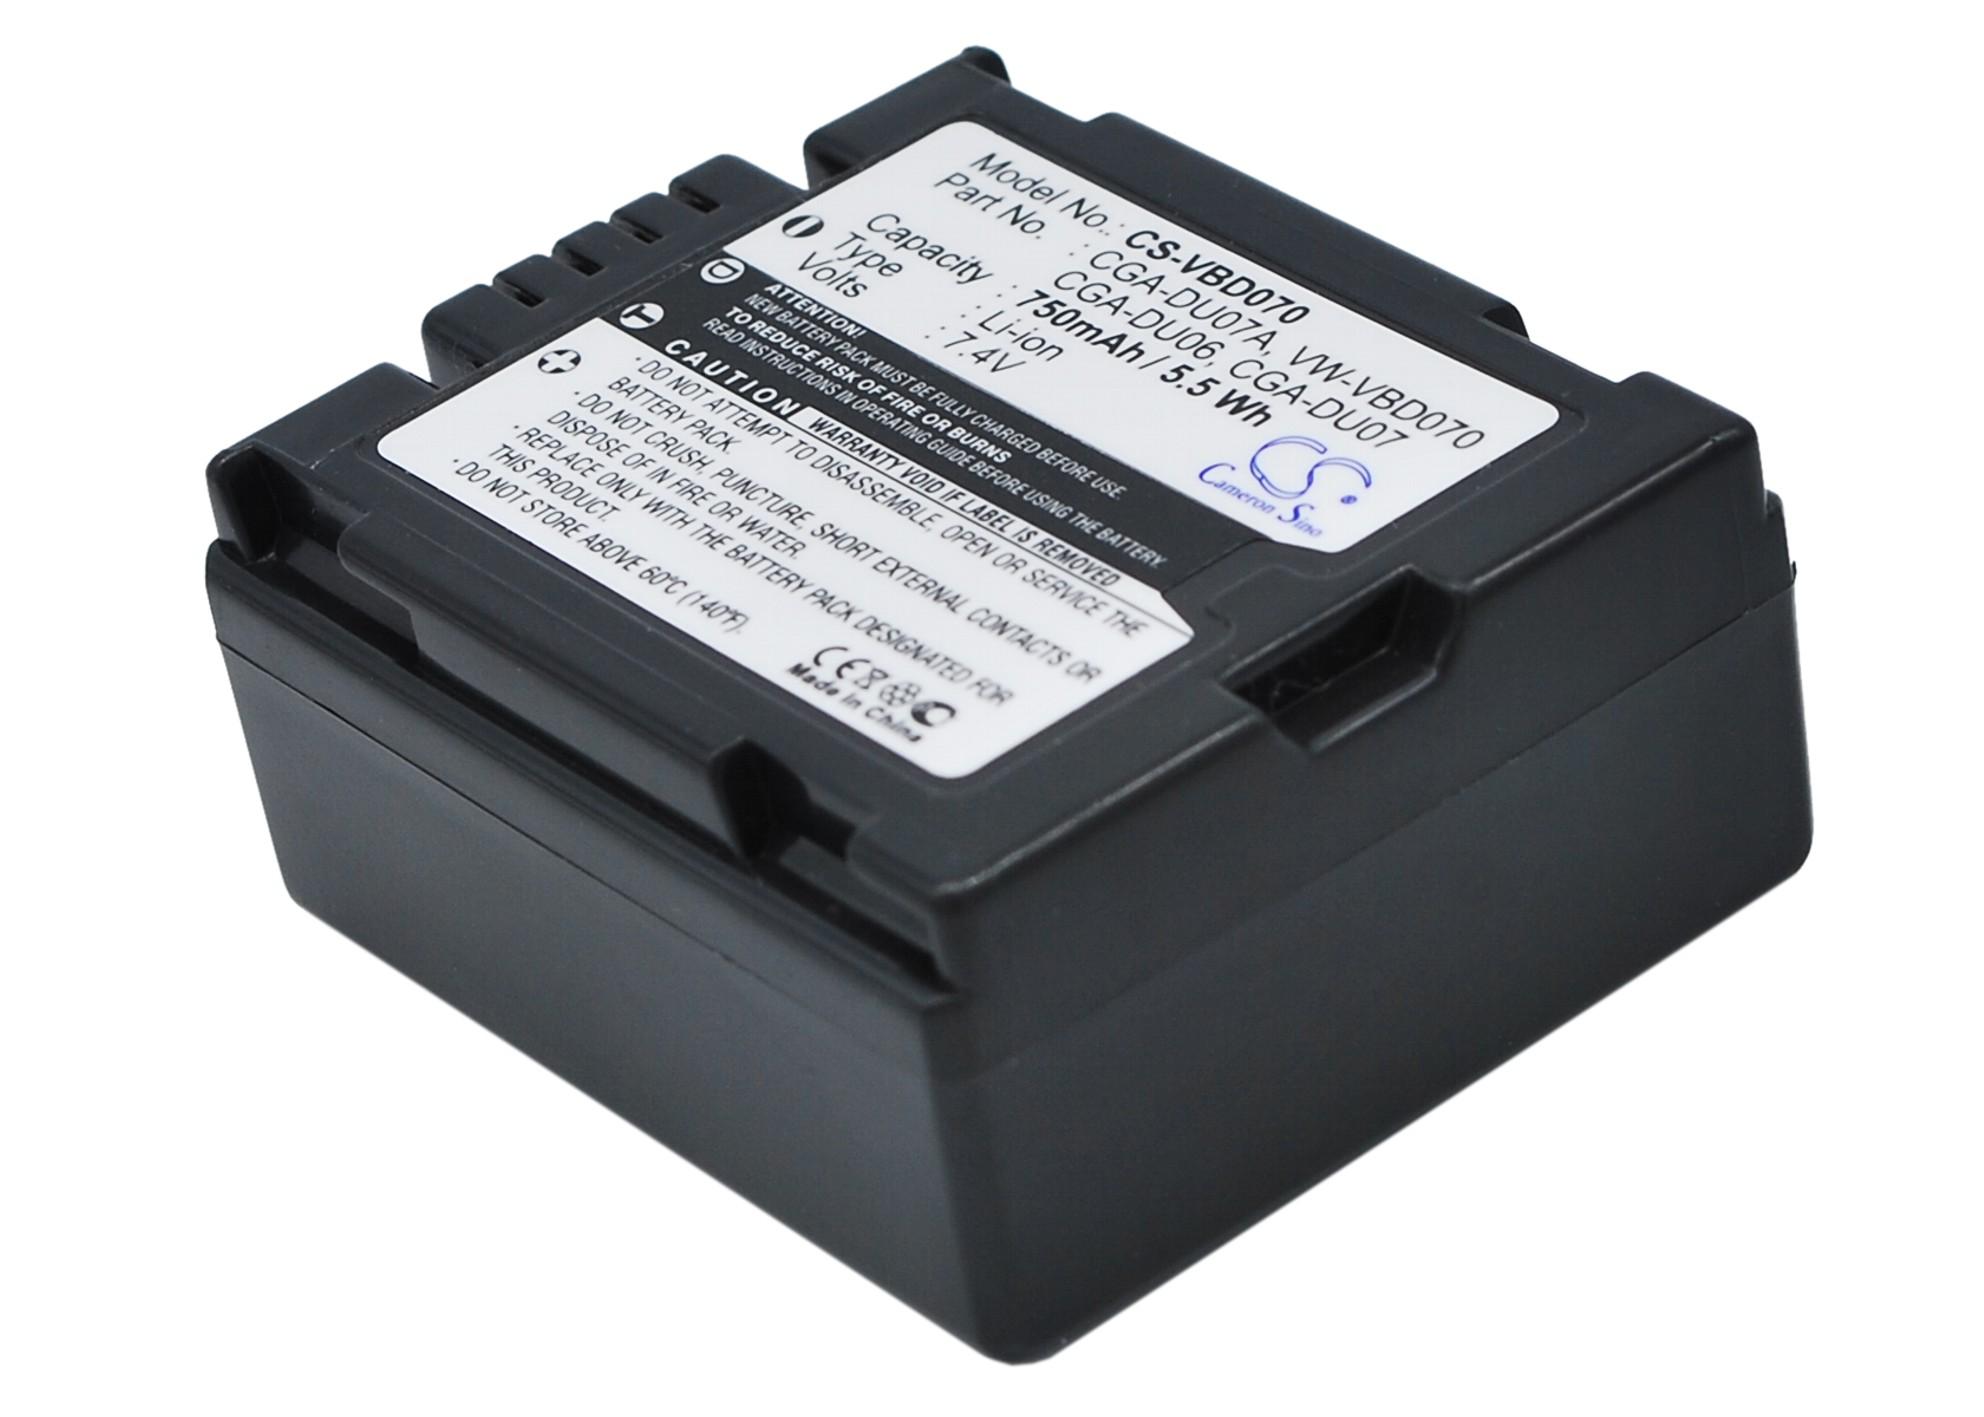 Cameron Sino baterie do kamer a fotoaparátů pro PANASONIC NV-GS85 7.4V Li-ion 750mAh tmavě šedá - neoriginální